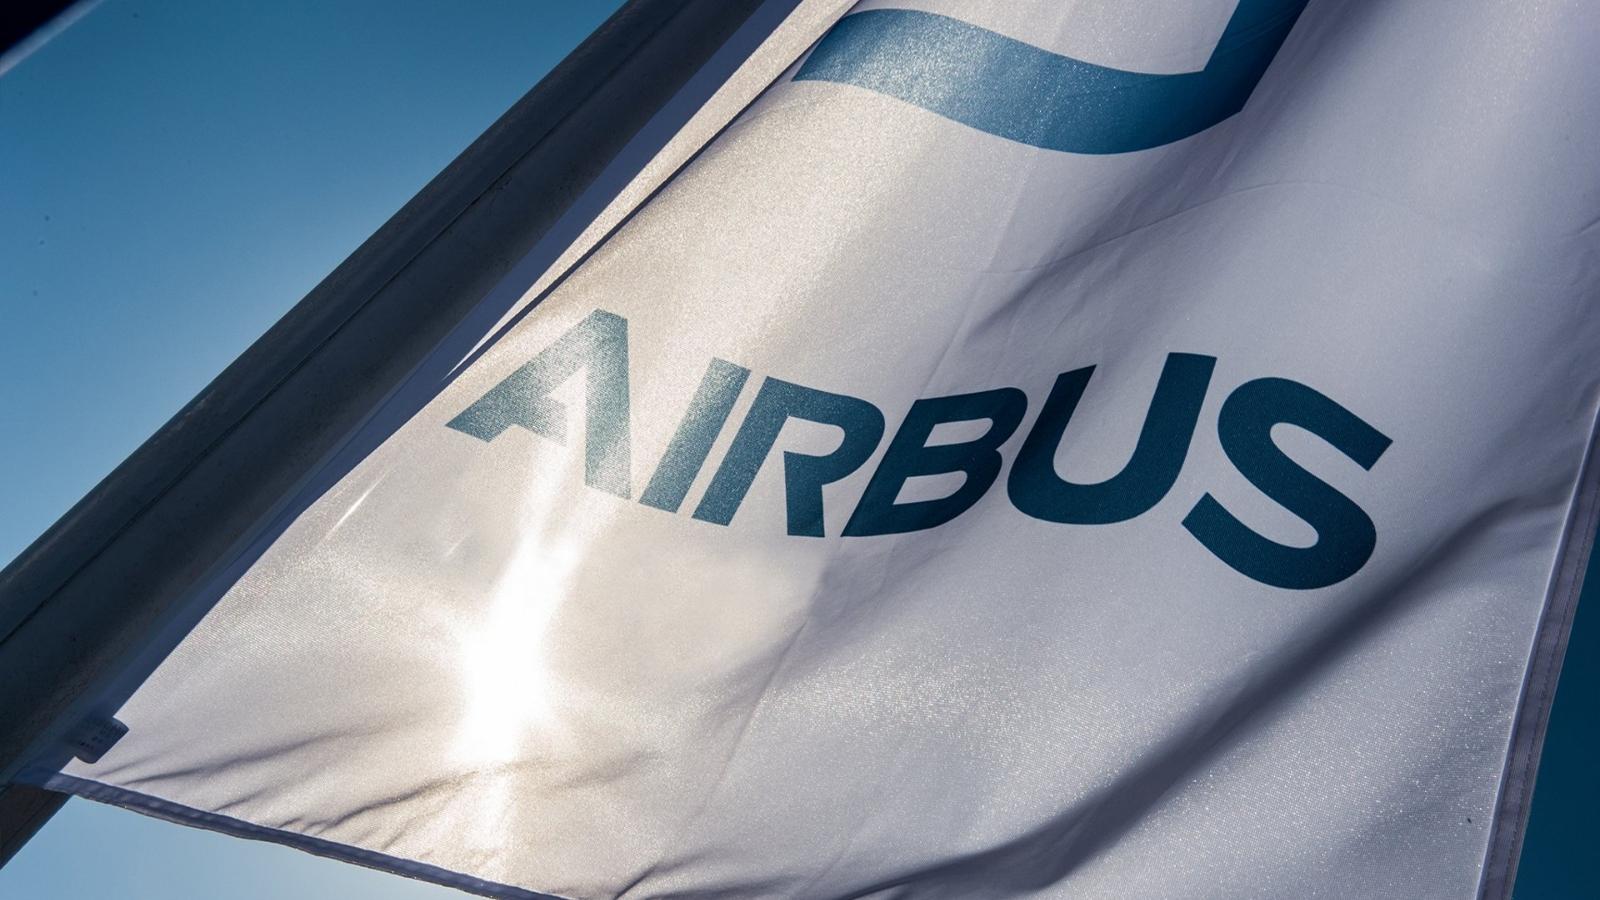 Airbus officialise la suppression de 5 000 emplois en France, 15 000 au total